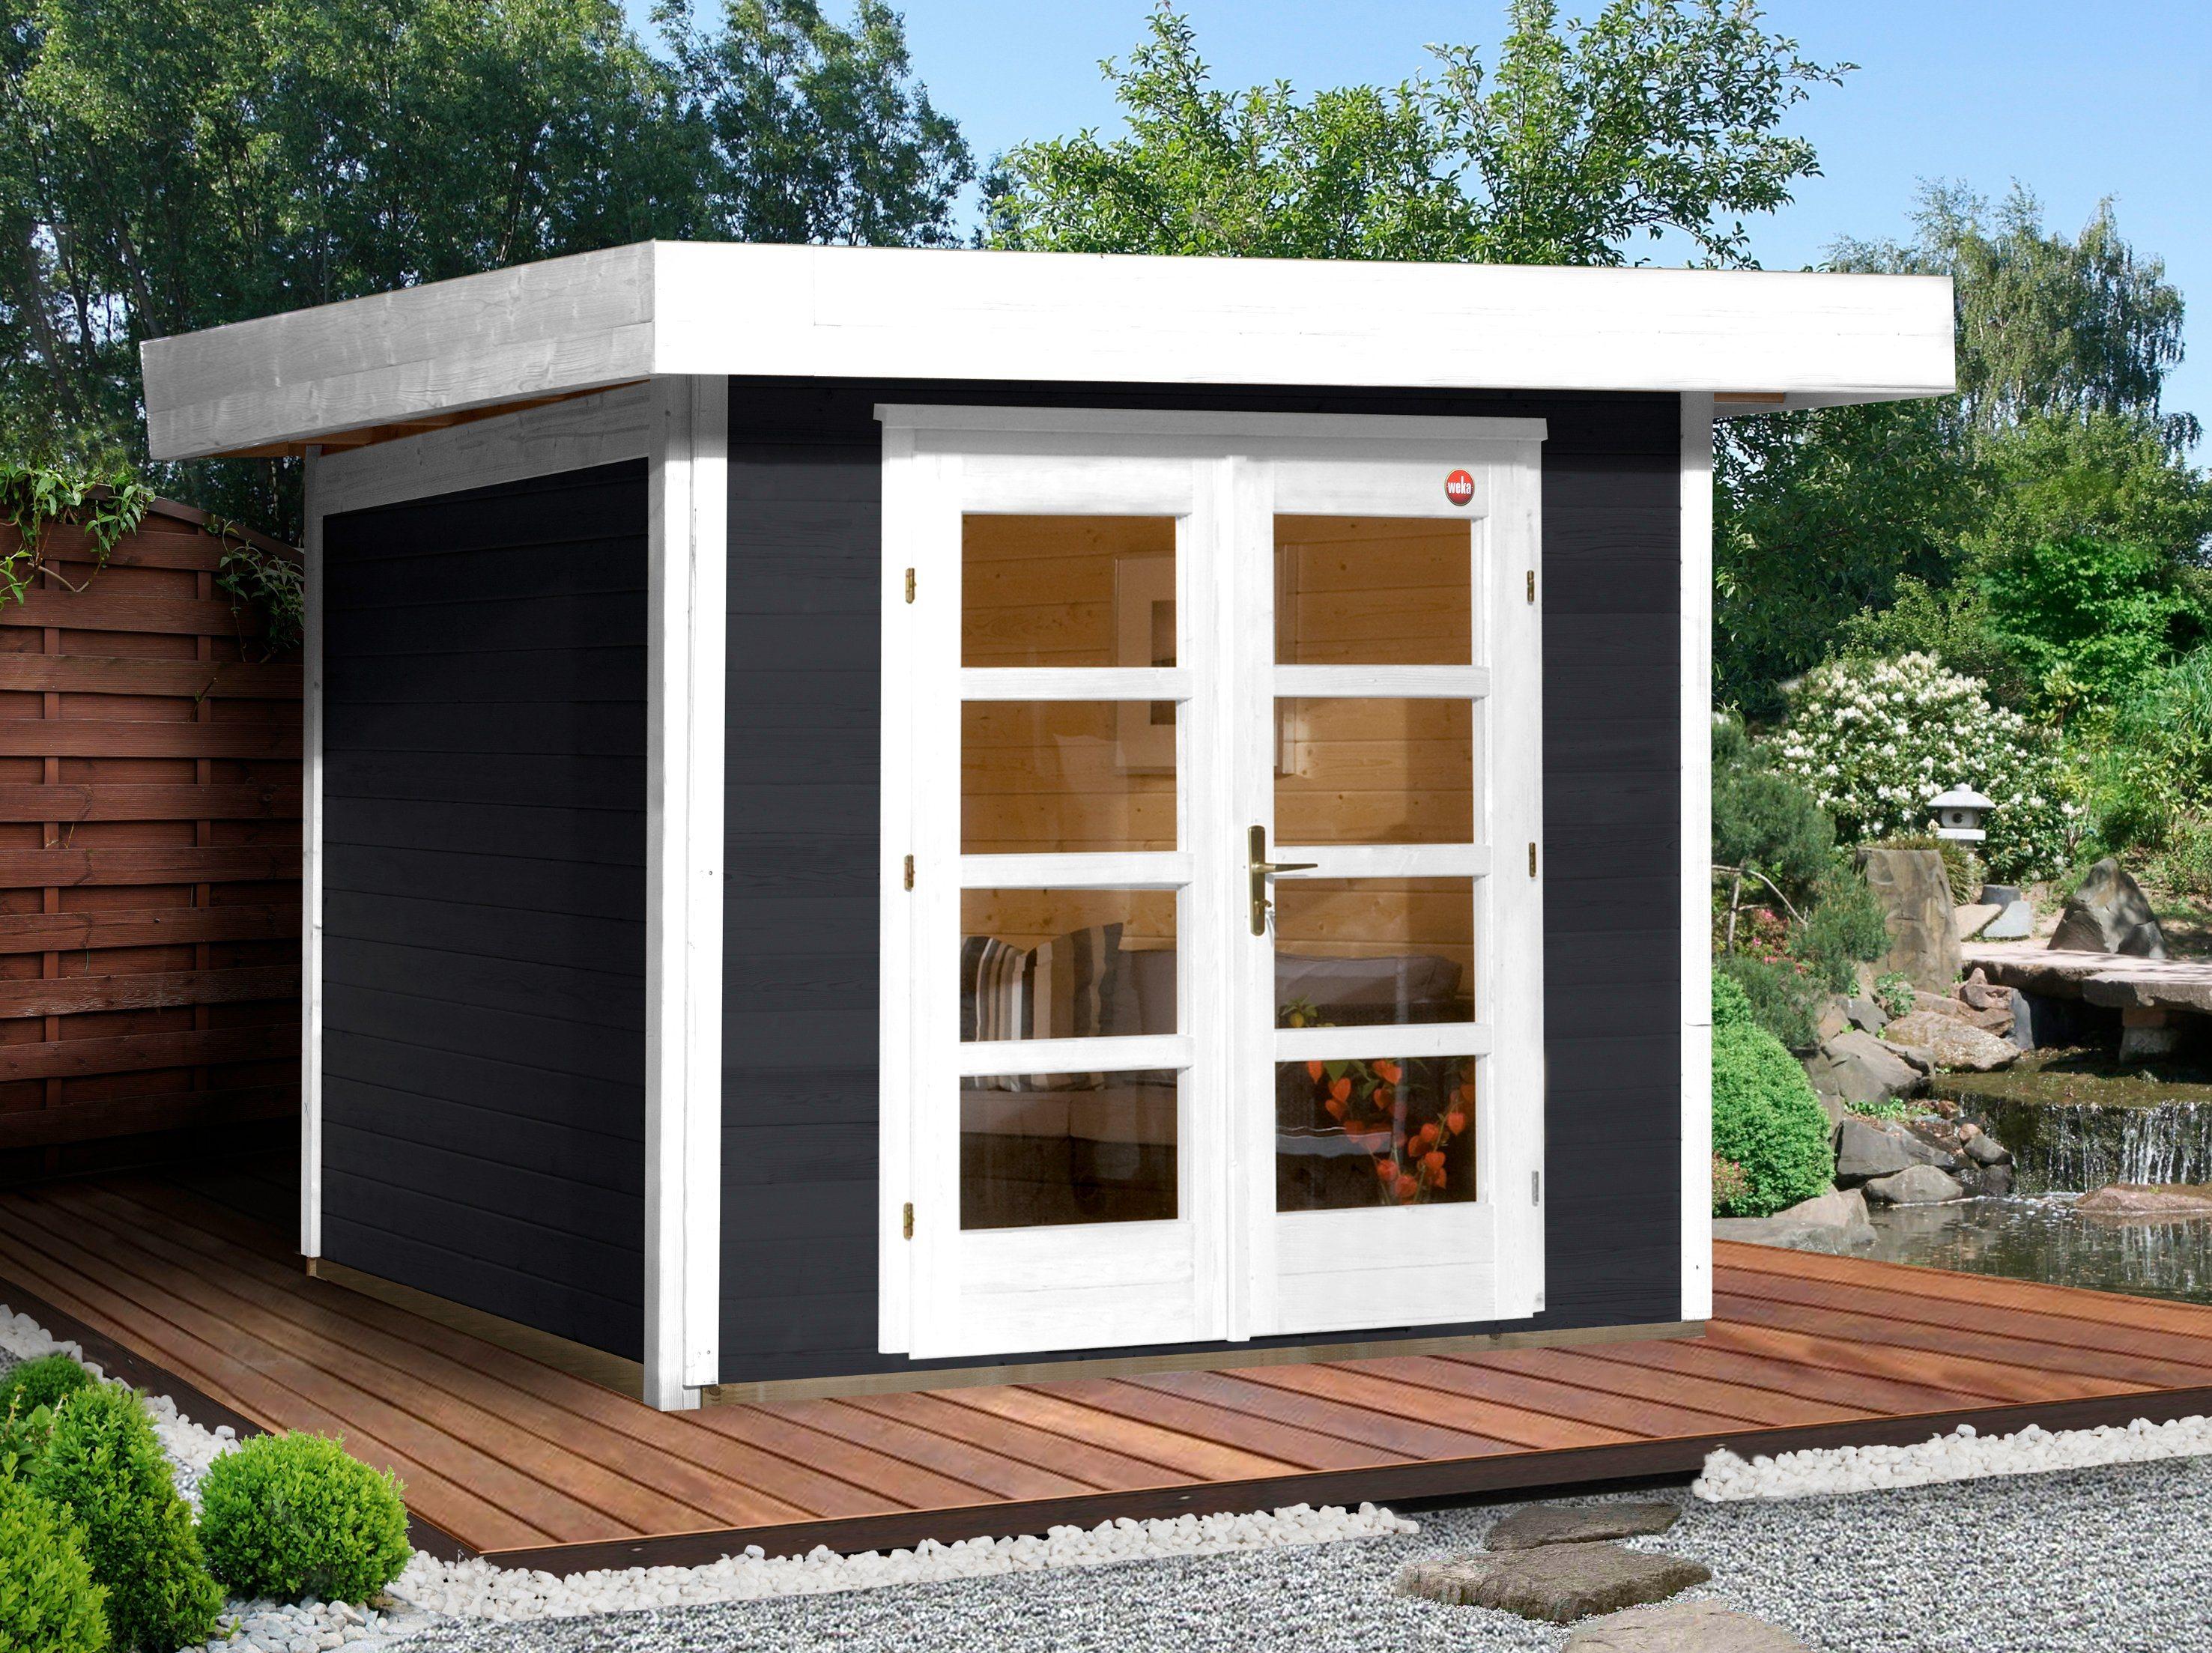 Weka Gartenhaus »Chill-Out Gr. 1«, BxT: 295x210 cm, anthrazit/weiß | Garten > Gartenhäuser | Farbig | weka